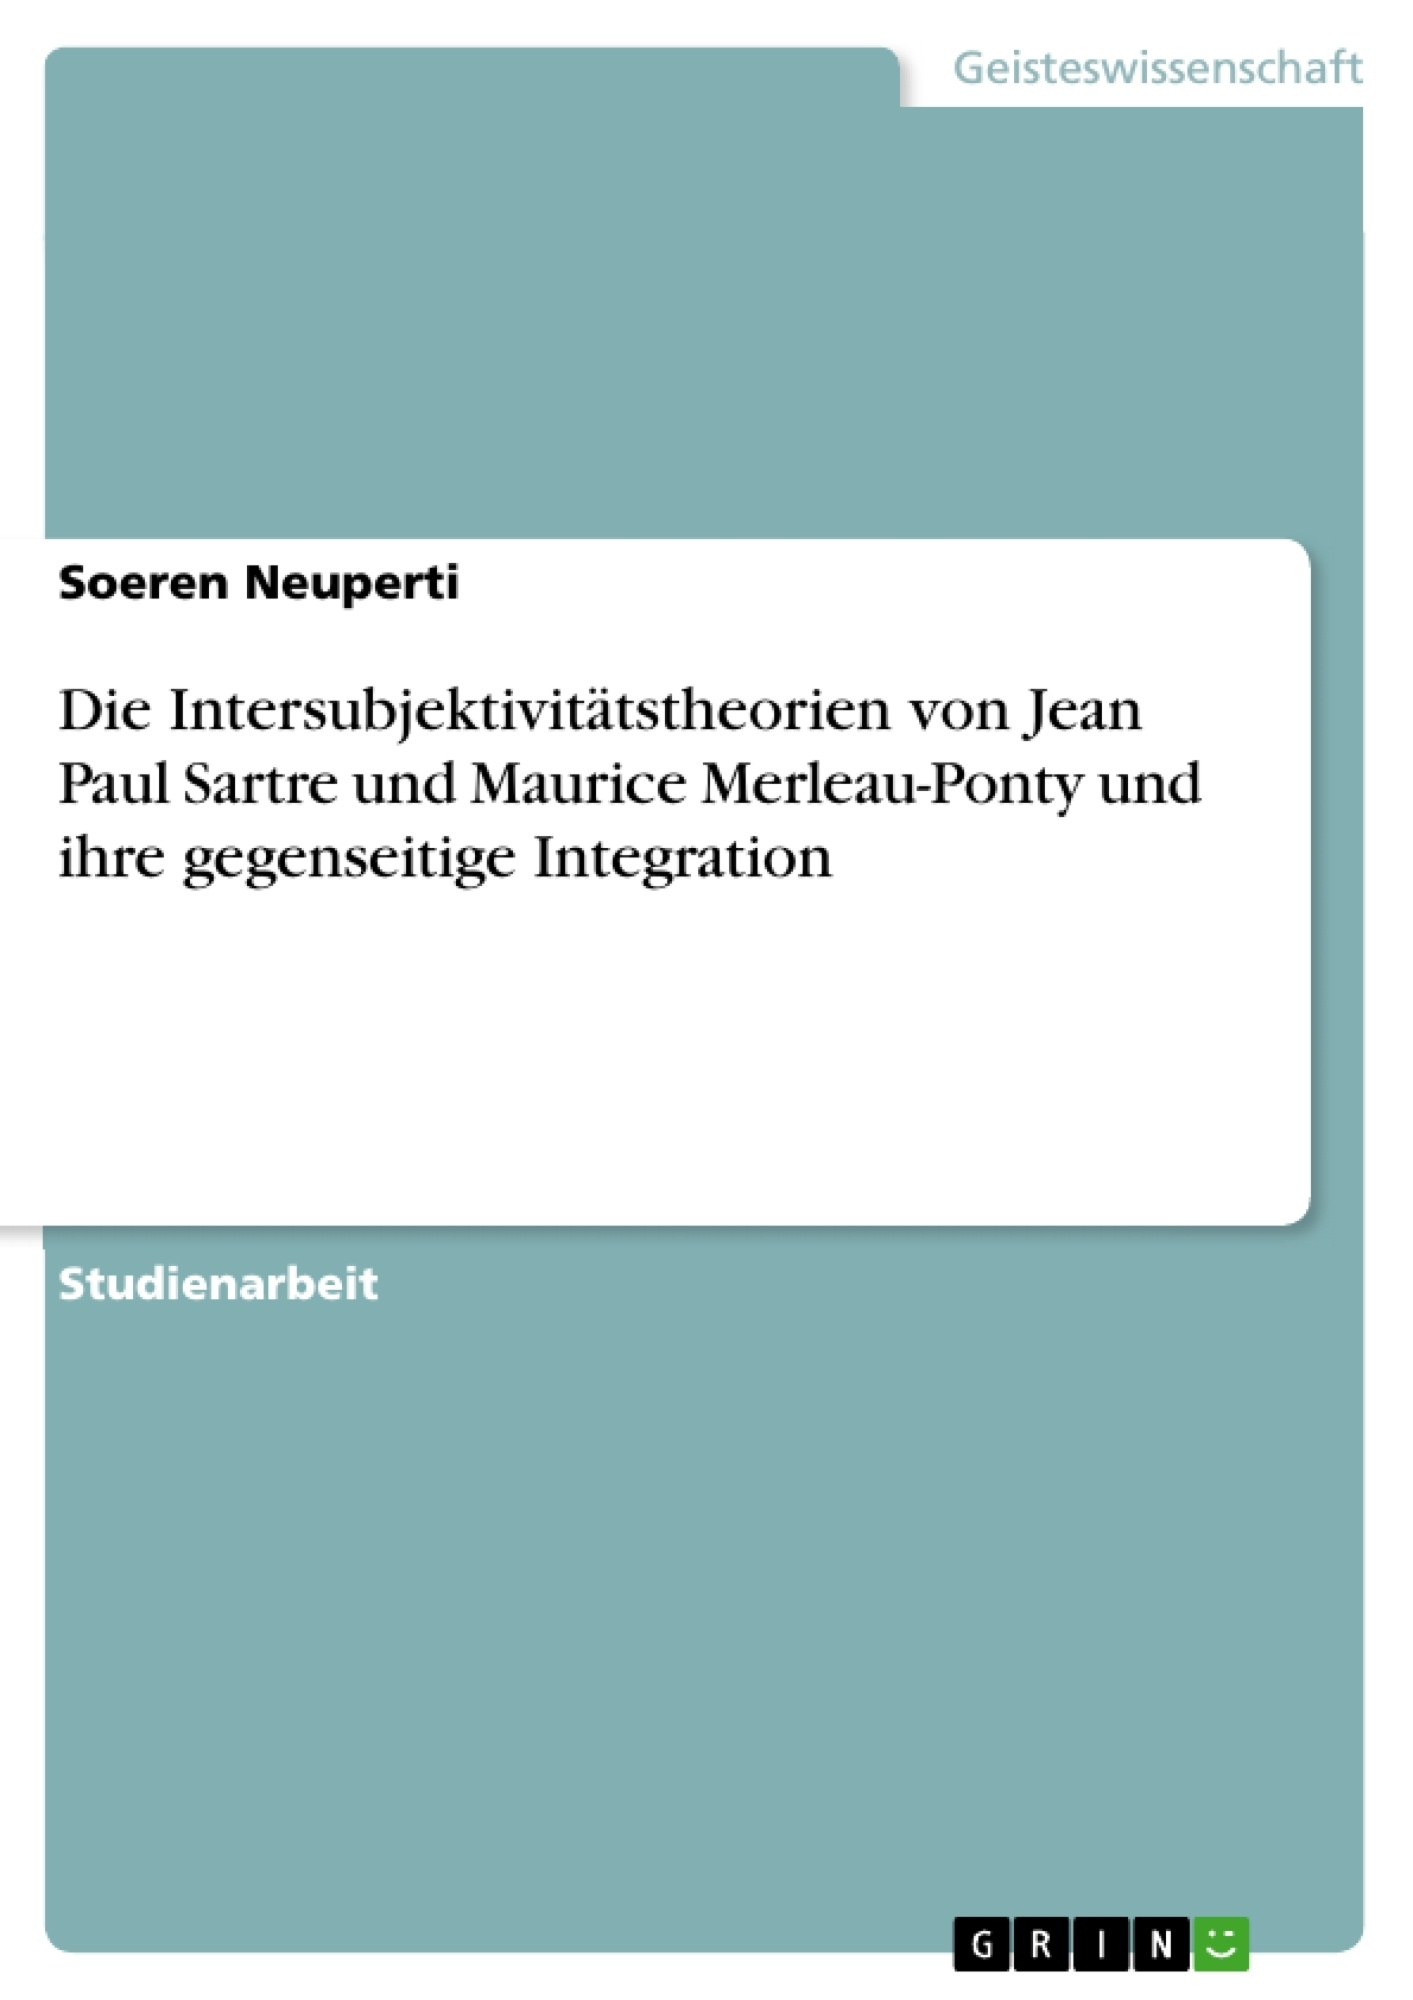 Titel: Die Intersubjektivitätstheorien von Jean Paul Sartre und Maurice Merleau-Ponty und ihre gegenseitige Integration